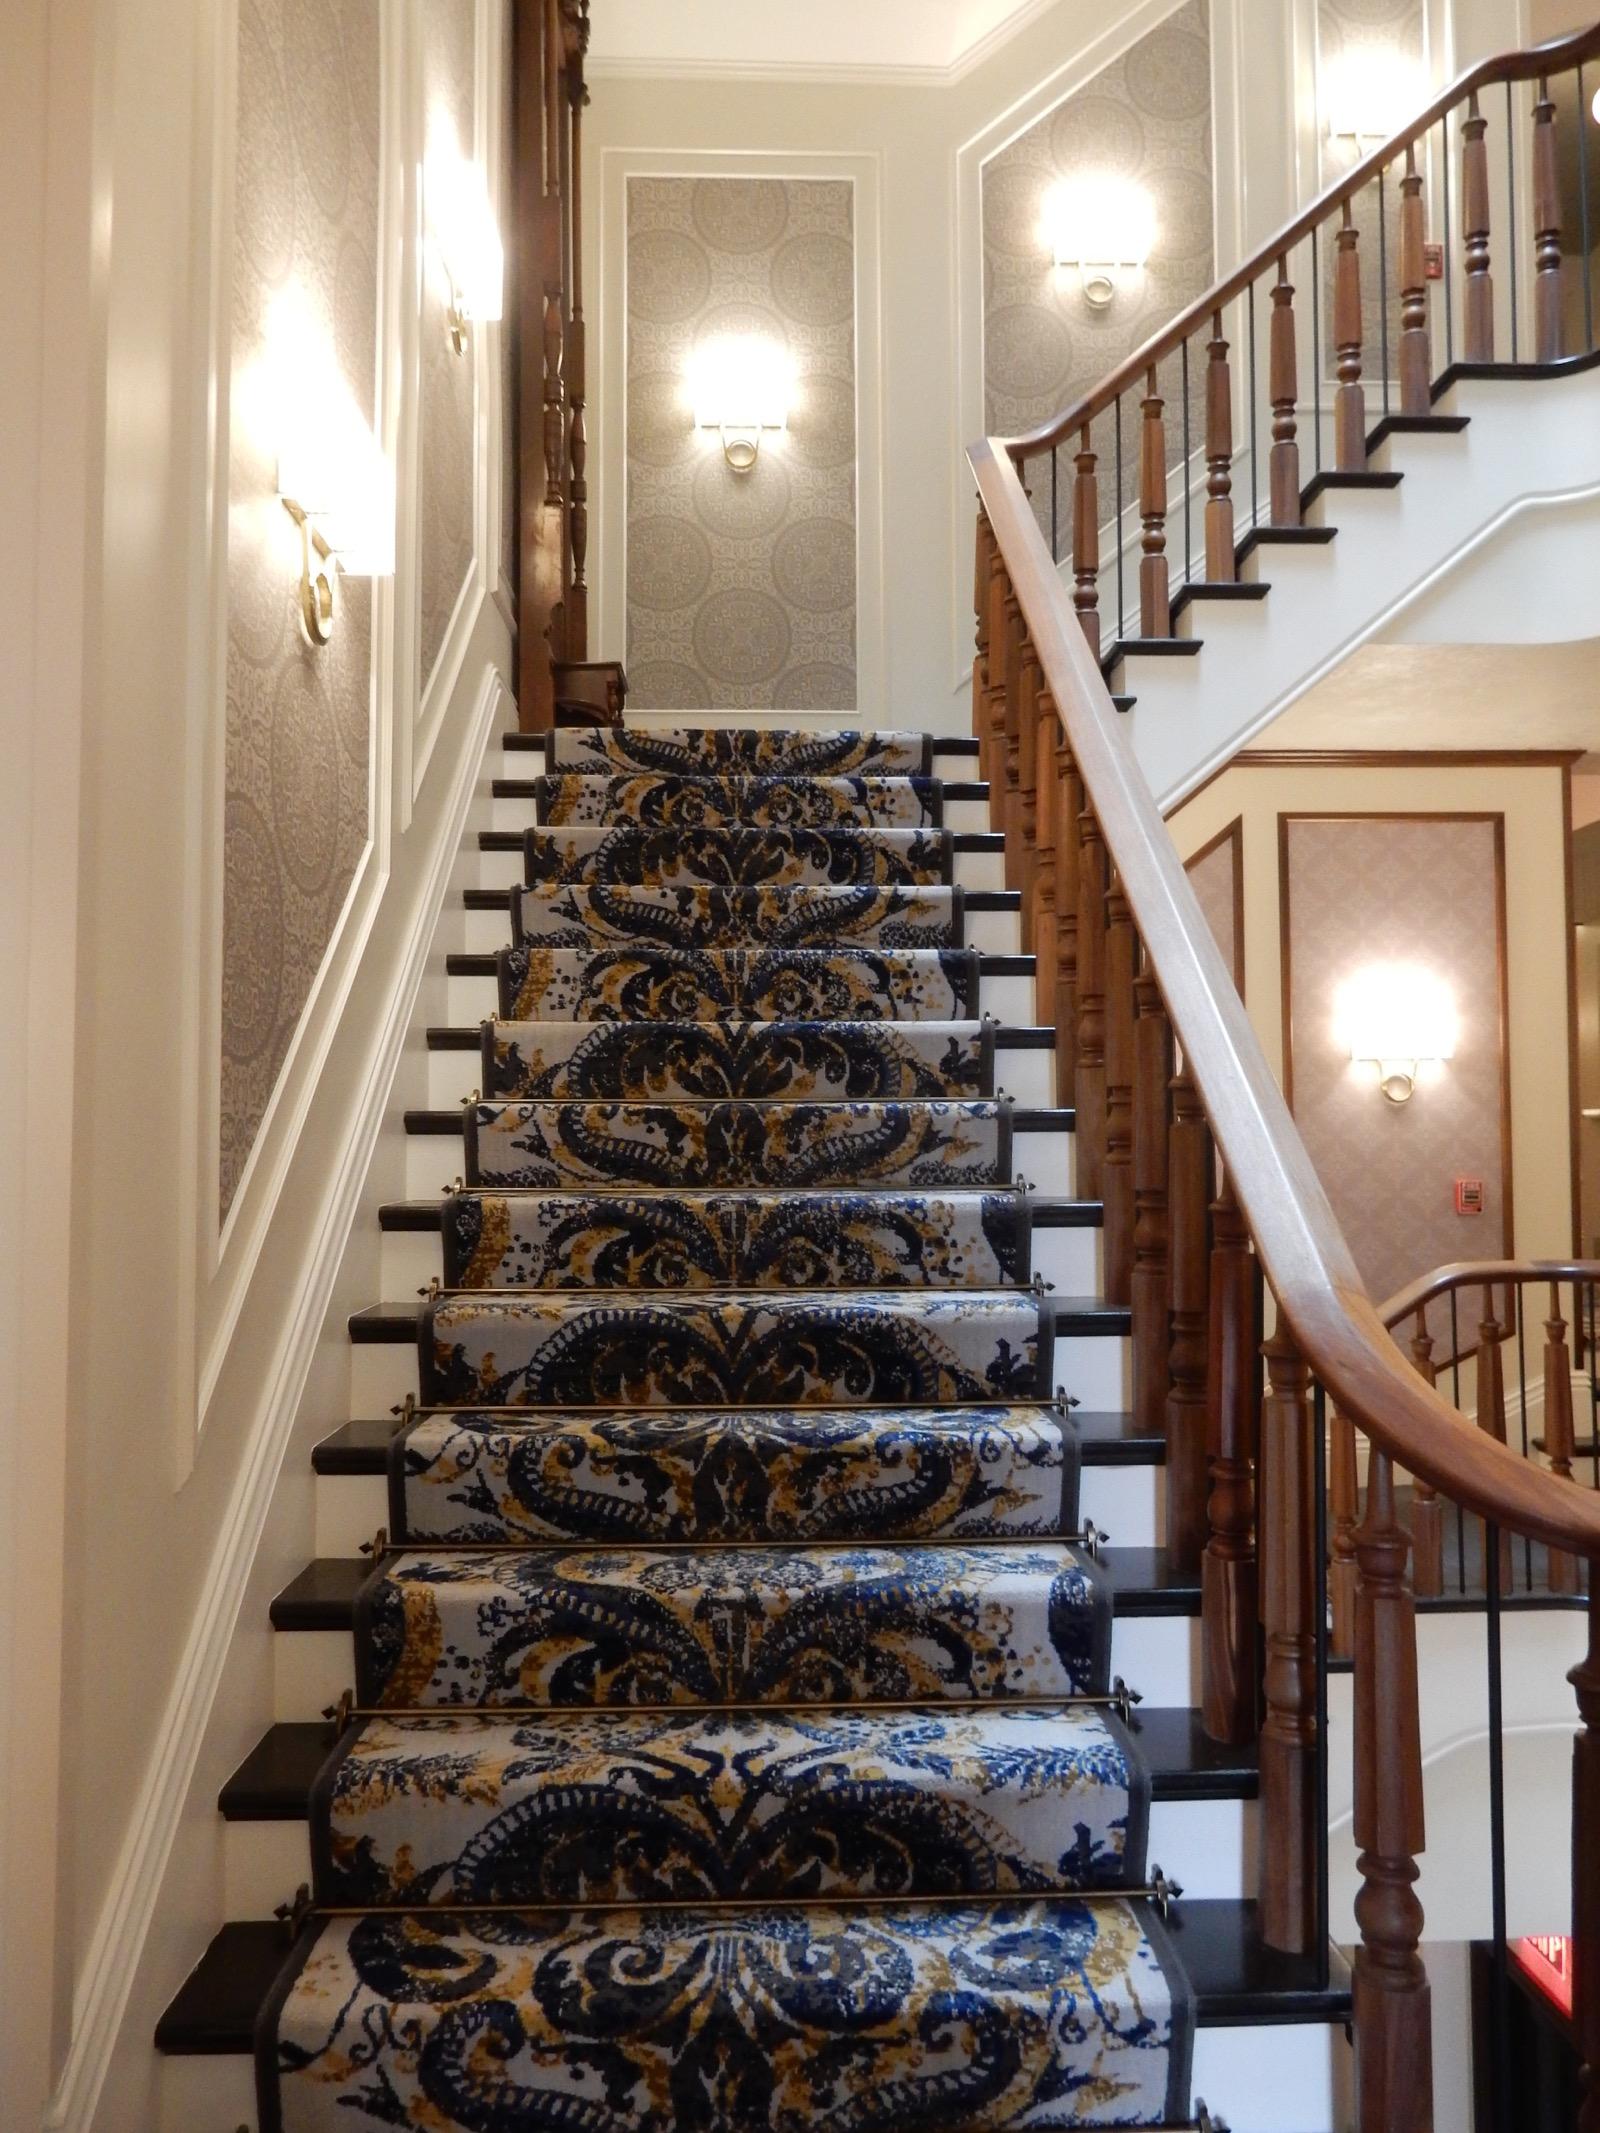 Adelphi hotel saratoga springs ny historic chic for Luxury hotels in saratoga springs ny